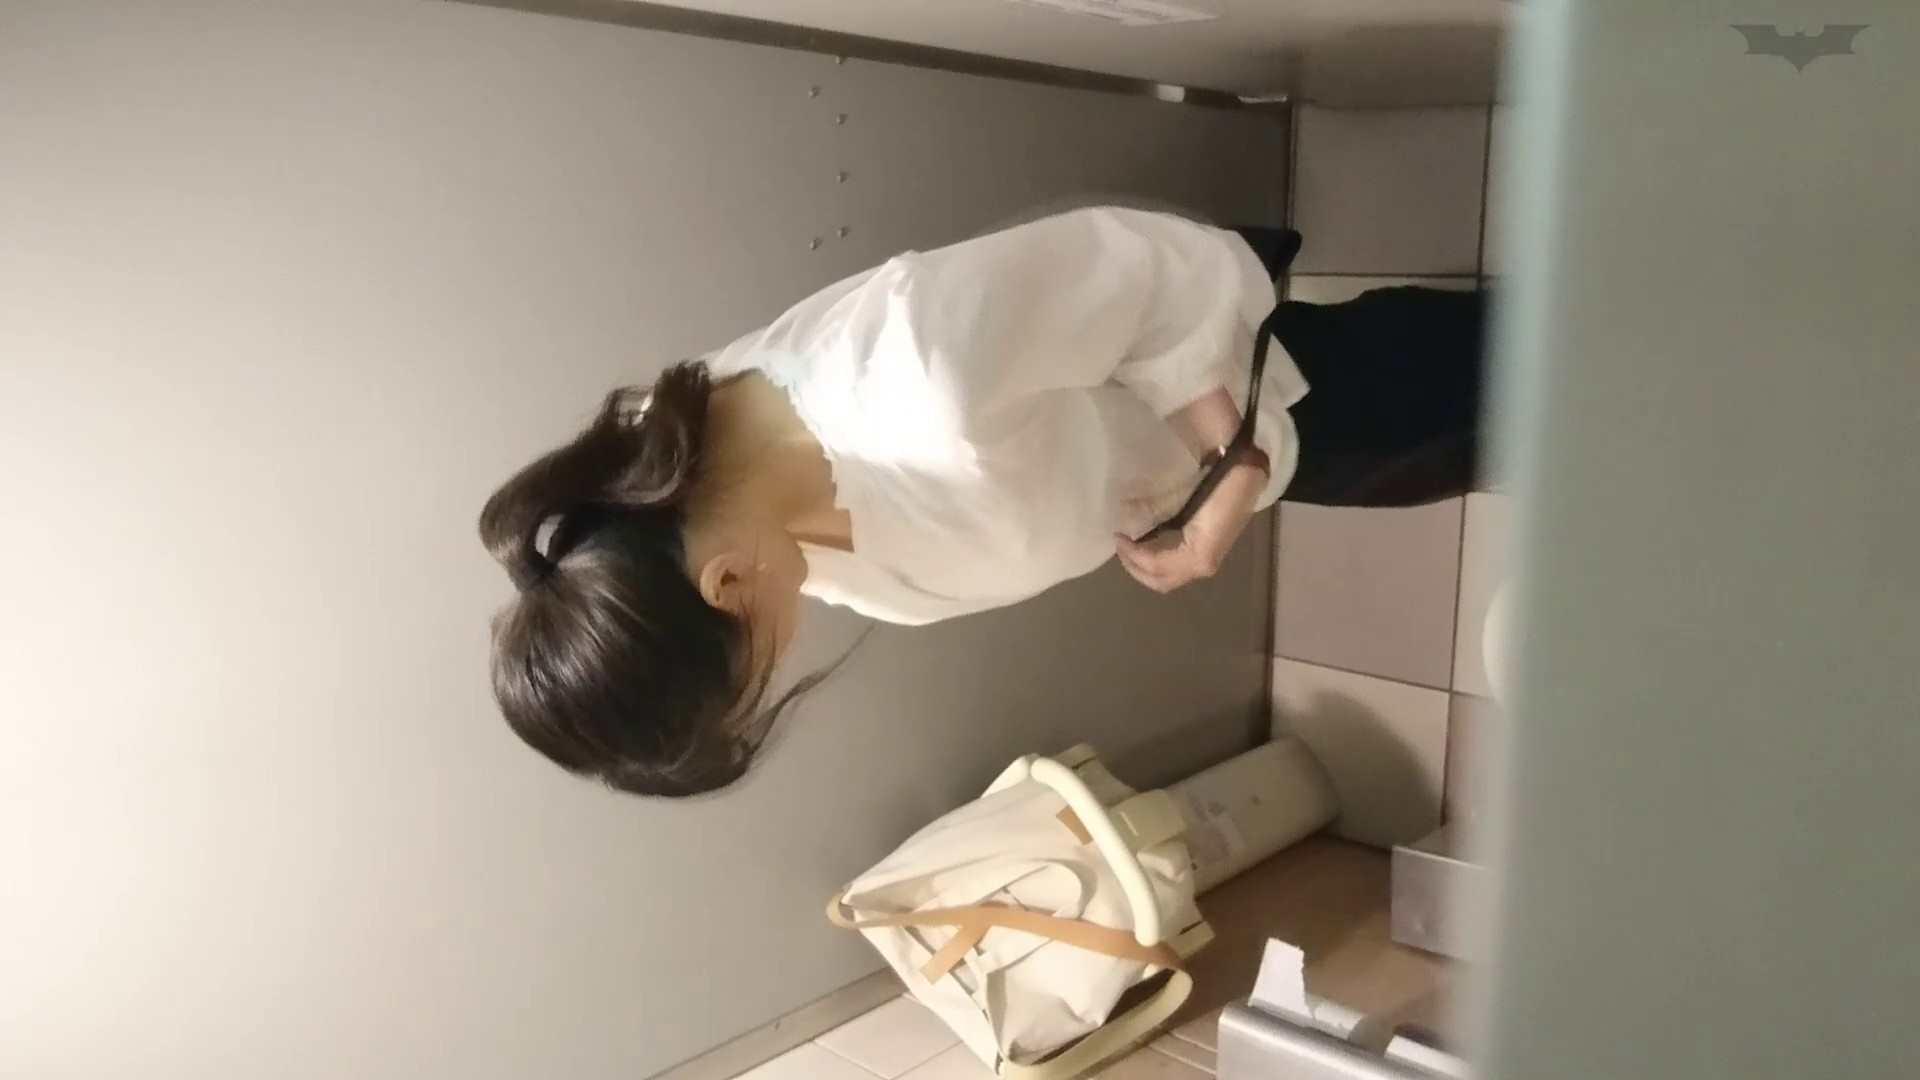 化粧室絵巻 ショッピングモール編 VOL.22 いやらしいOL   0  46連発 15